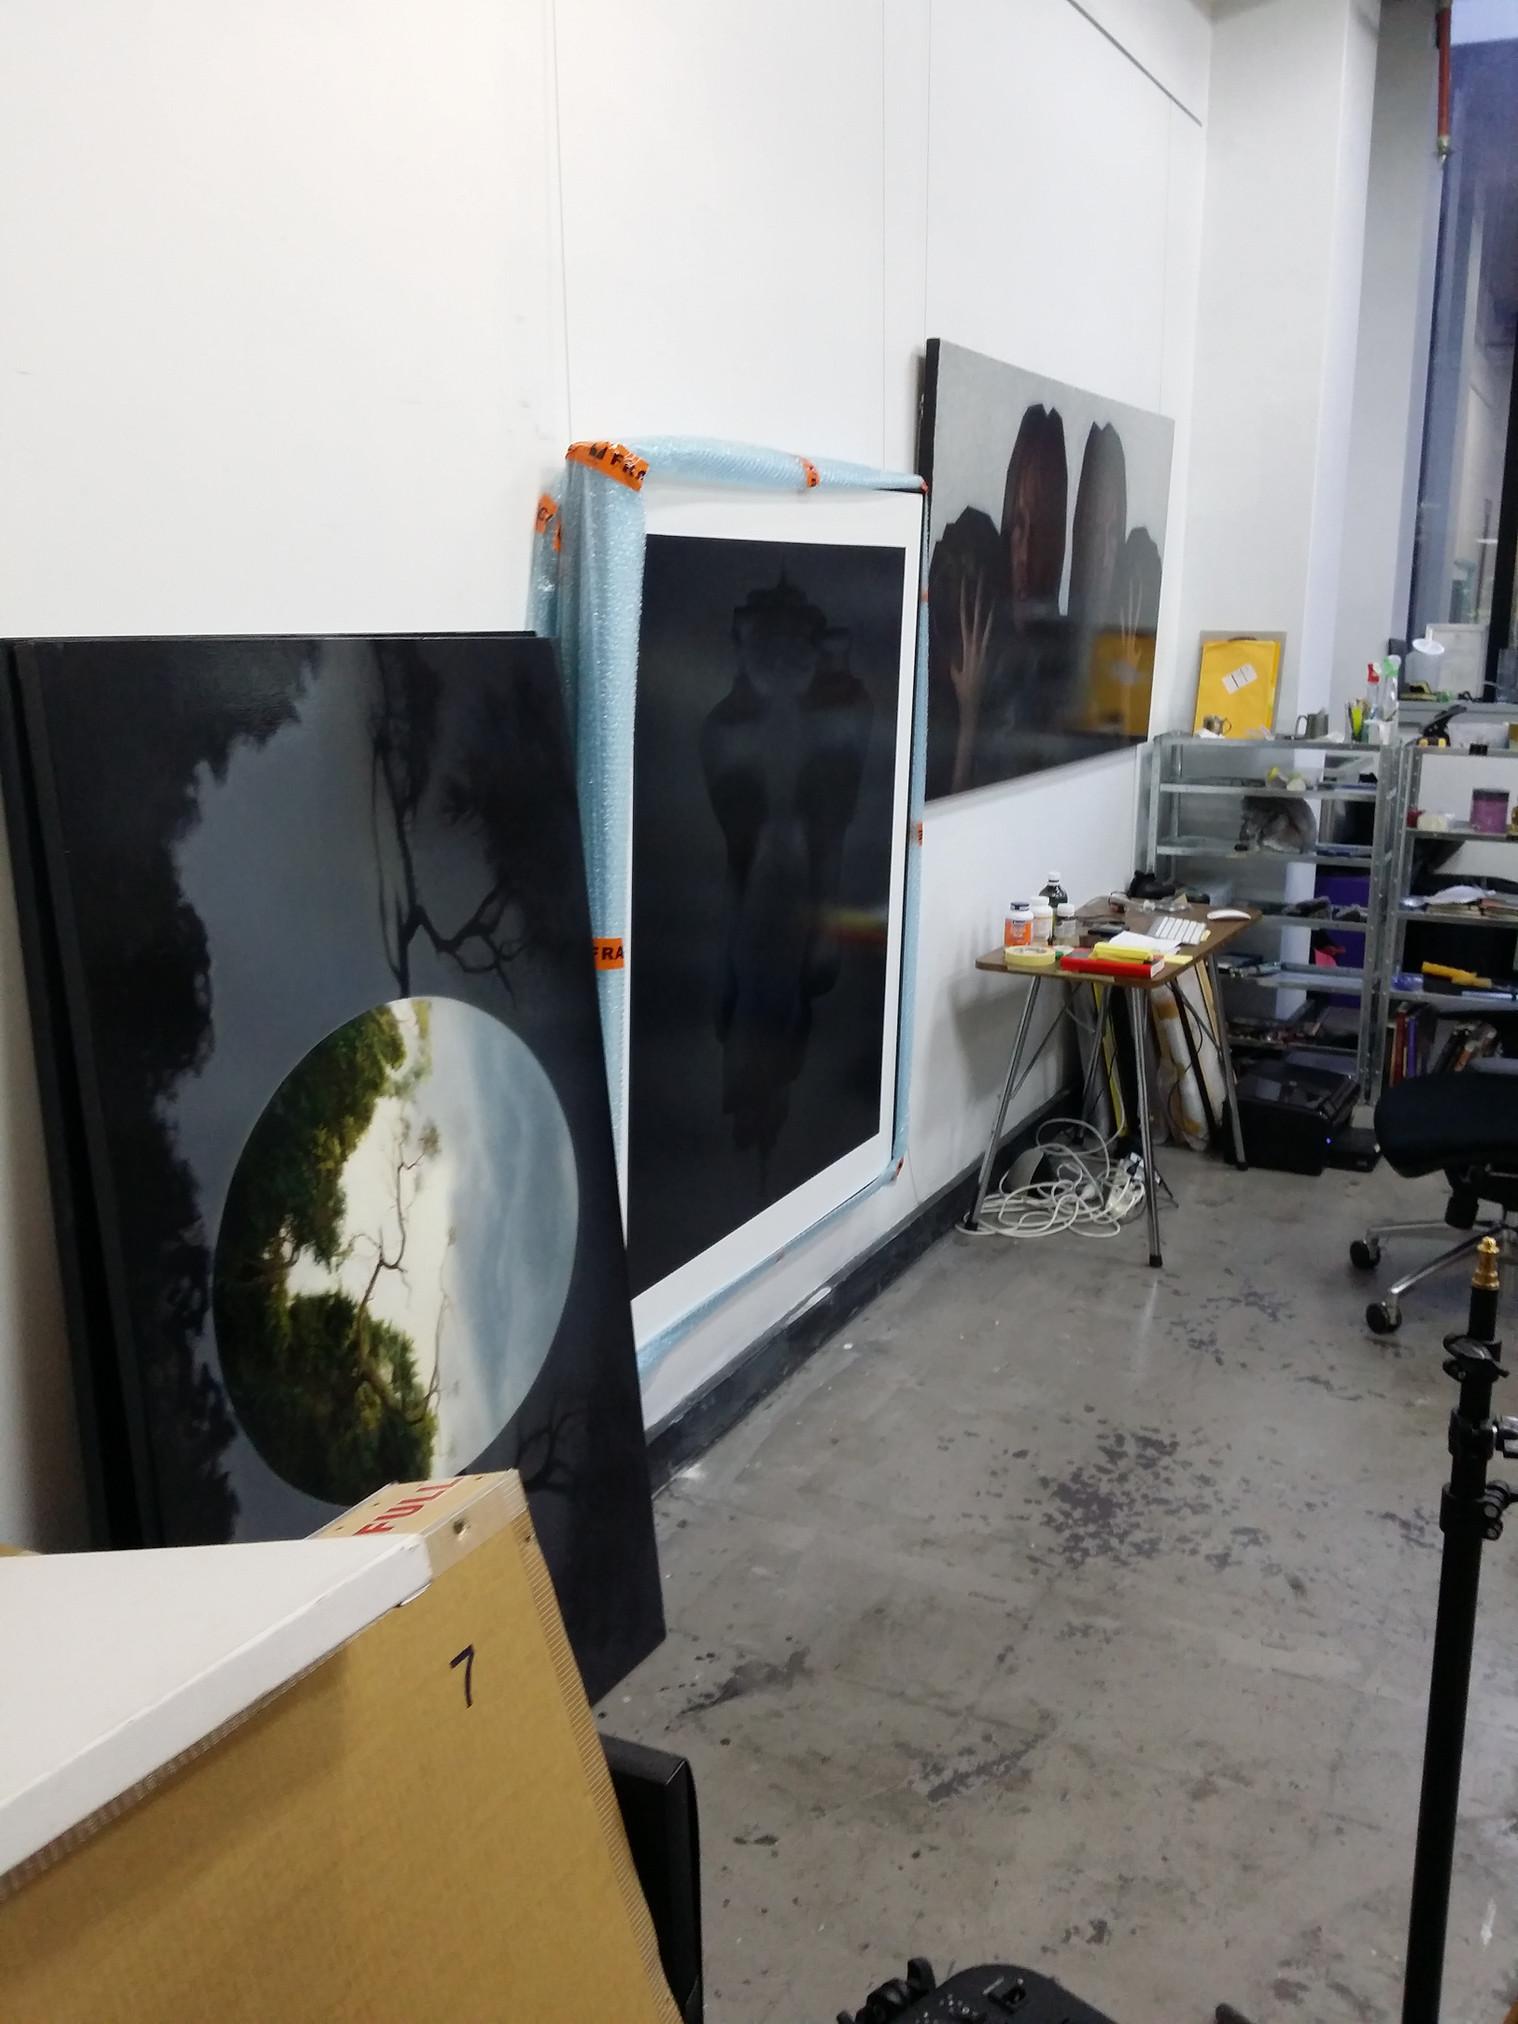 Studio of contemporary portrait artist Marcus Callum